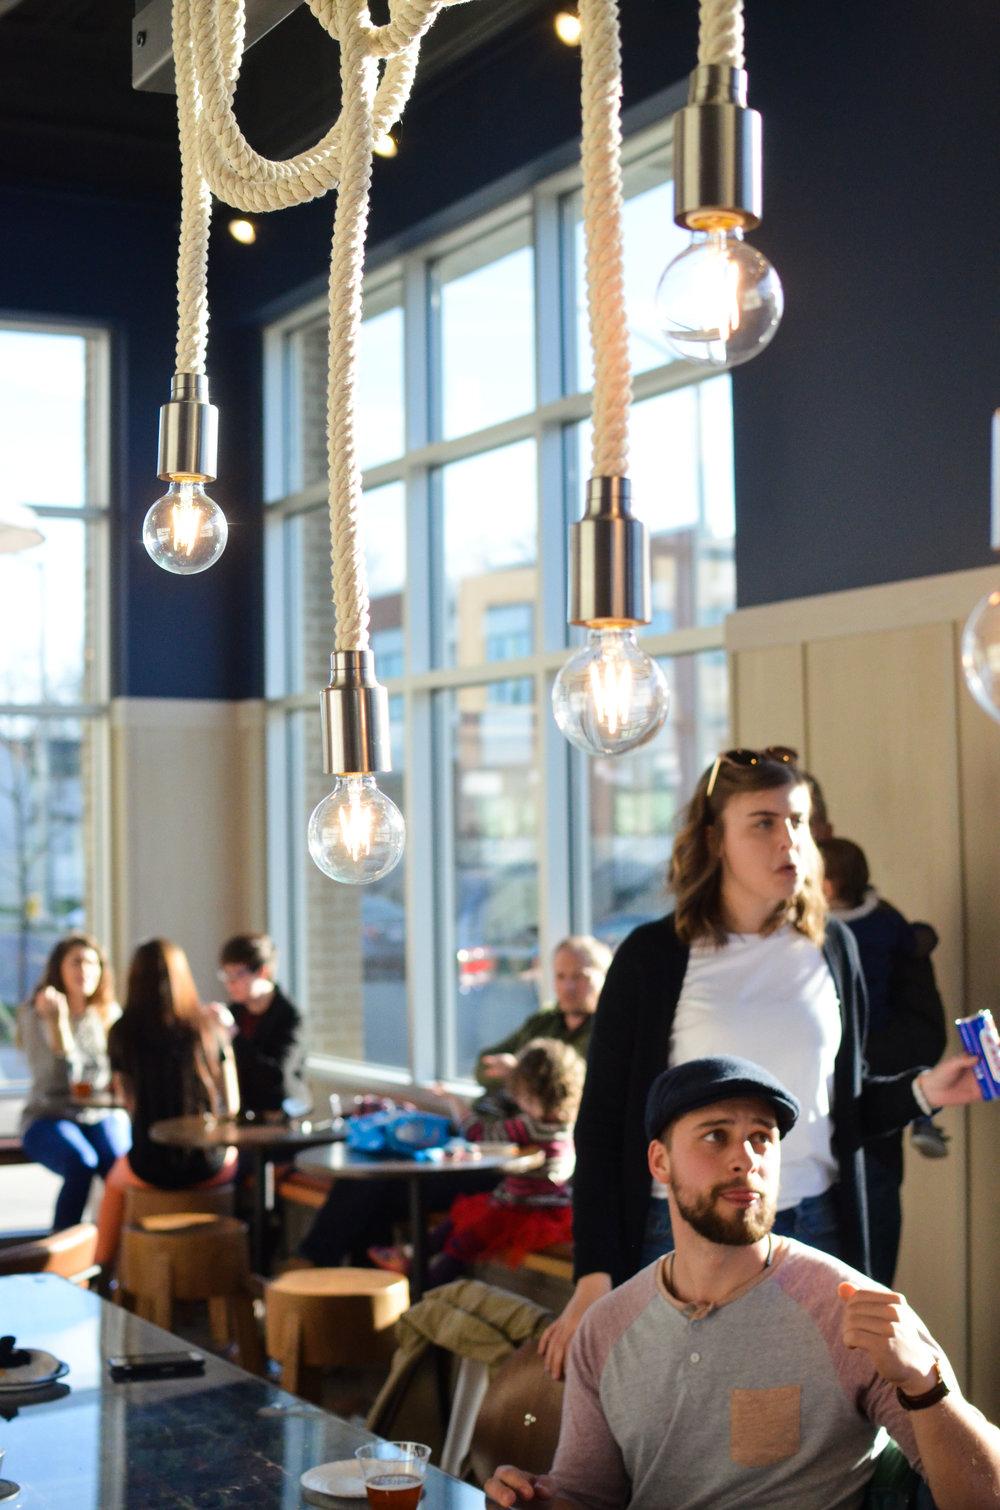 Wendling_Boyd_Rowers_Club_Coffee_Shop-7.jpg